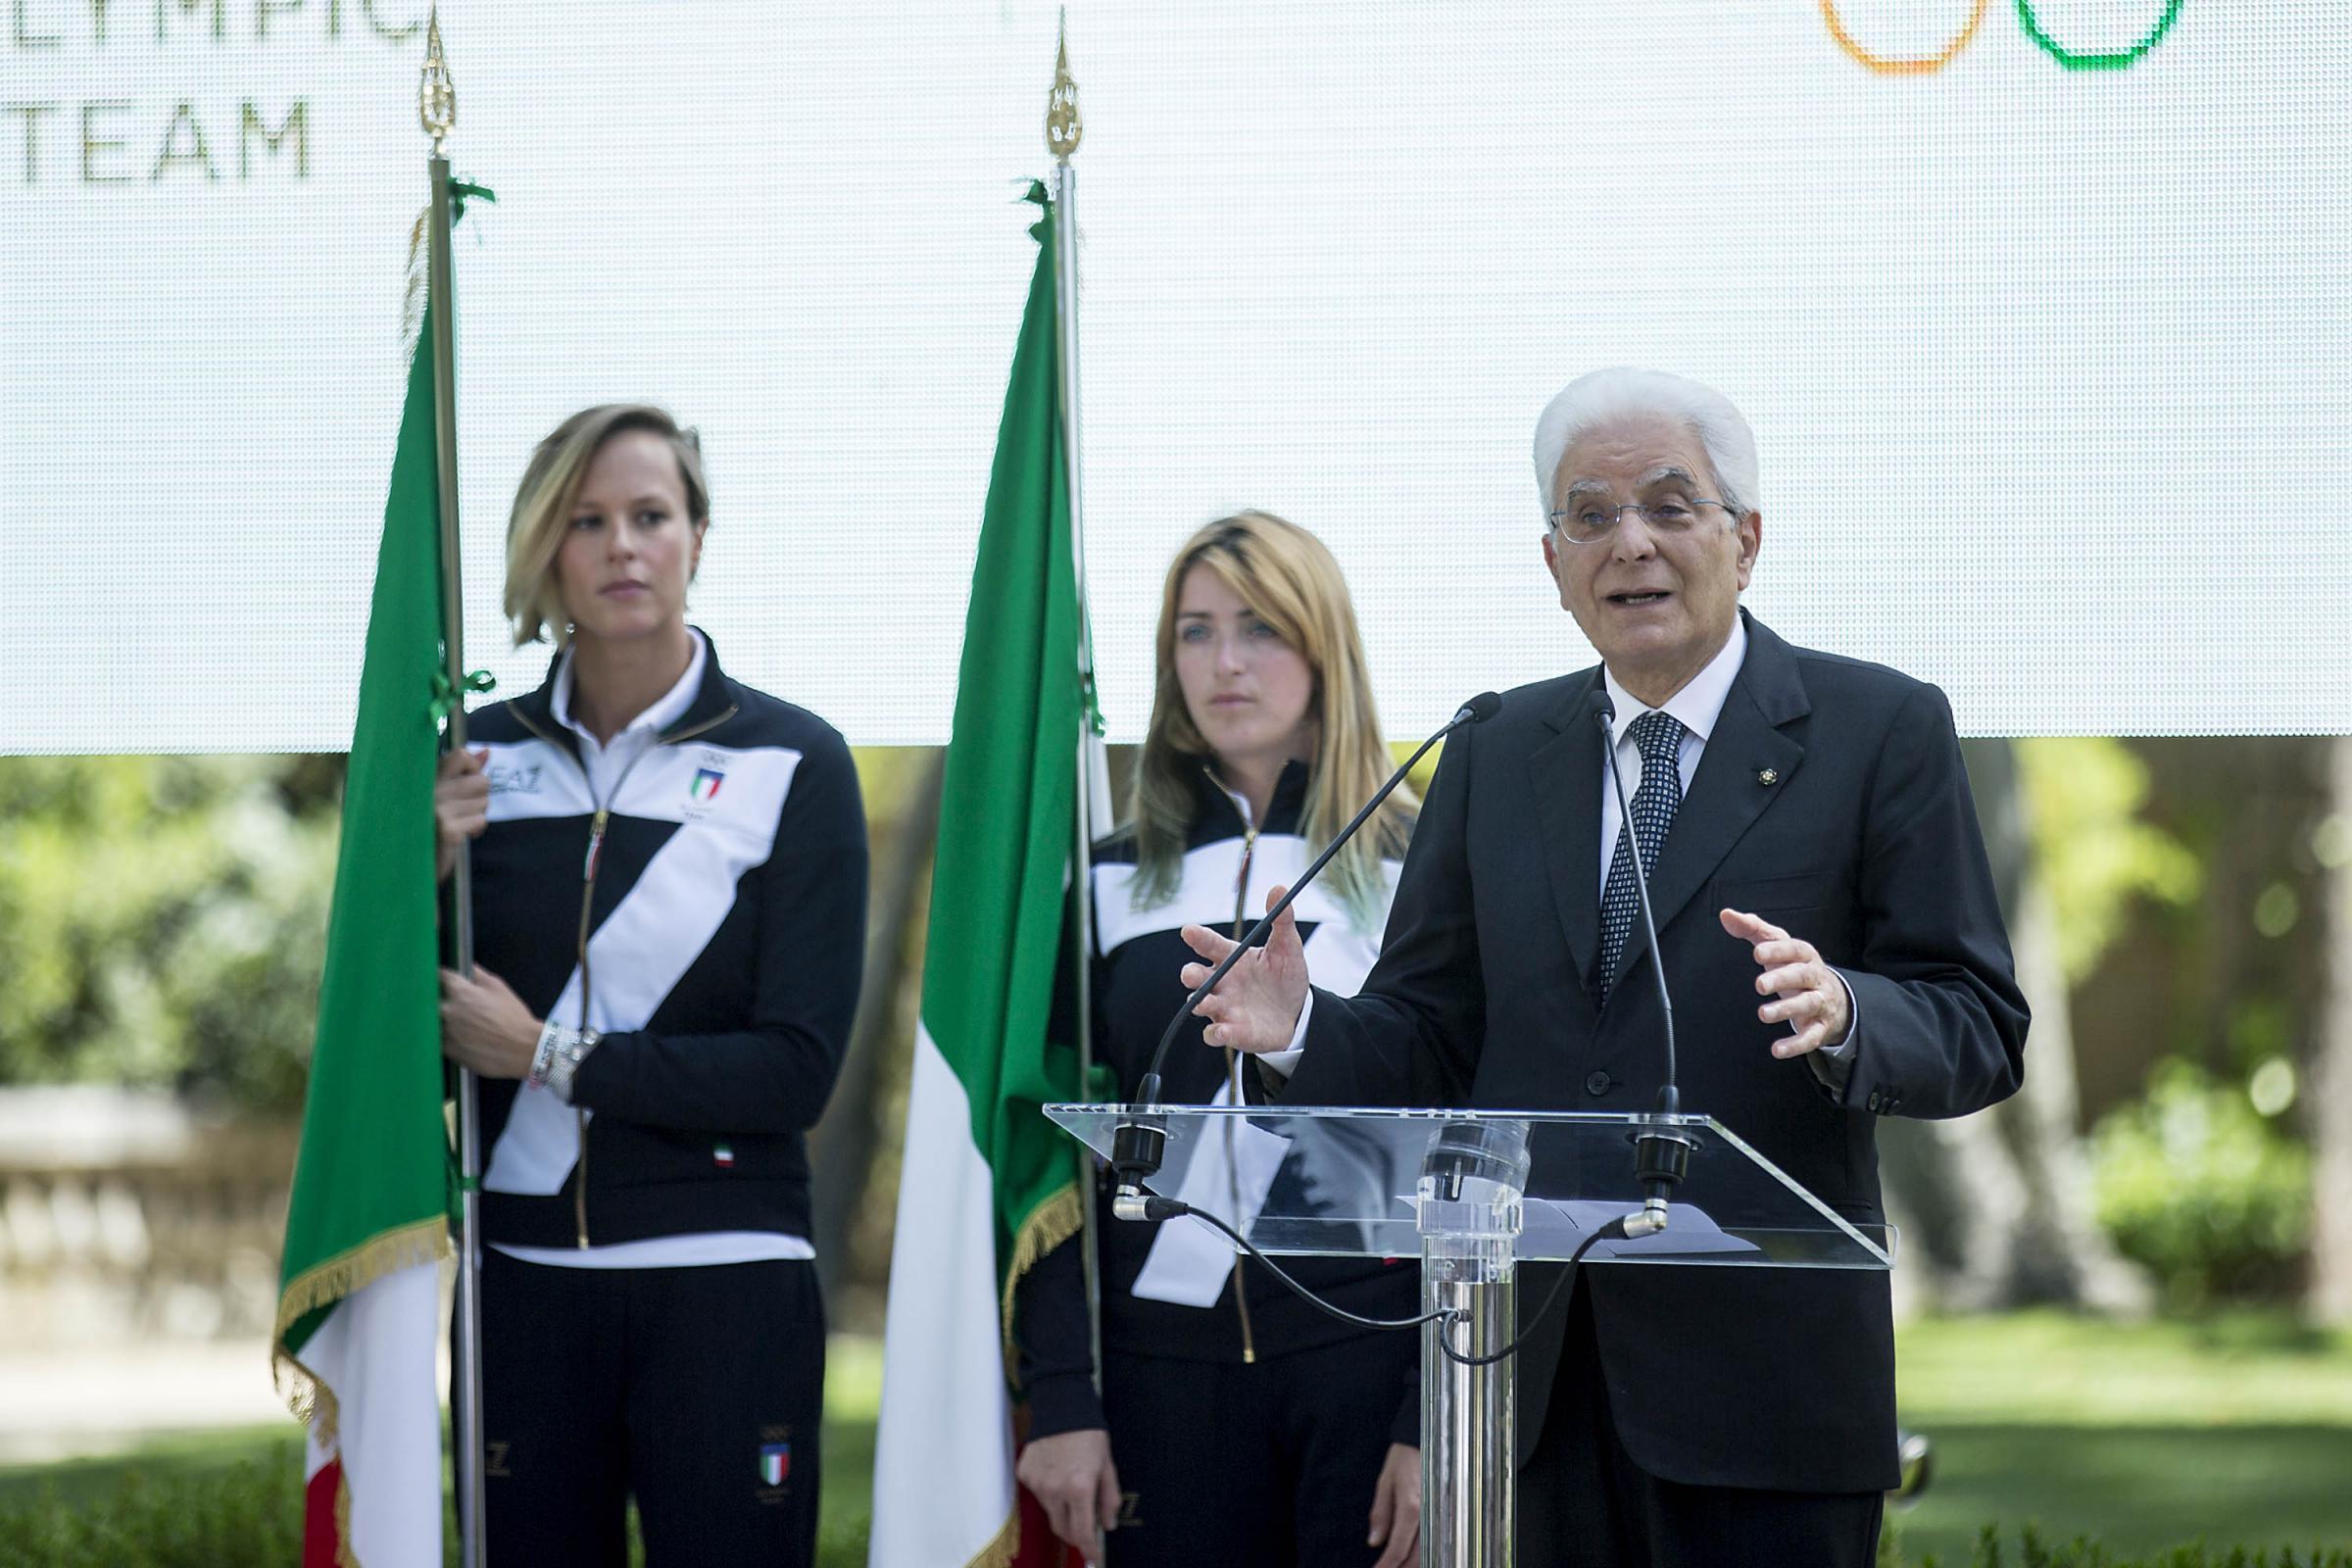 Quirinale Cerimonia di consegna della bandiera agli atleti in partenza per le olimpiadi di Rio de Janeiro